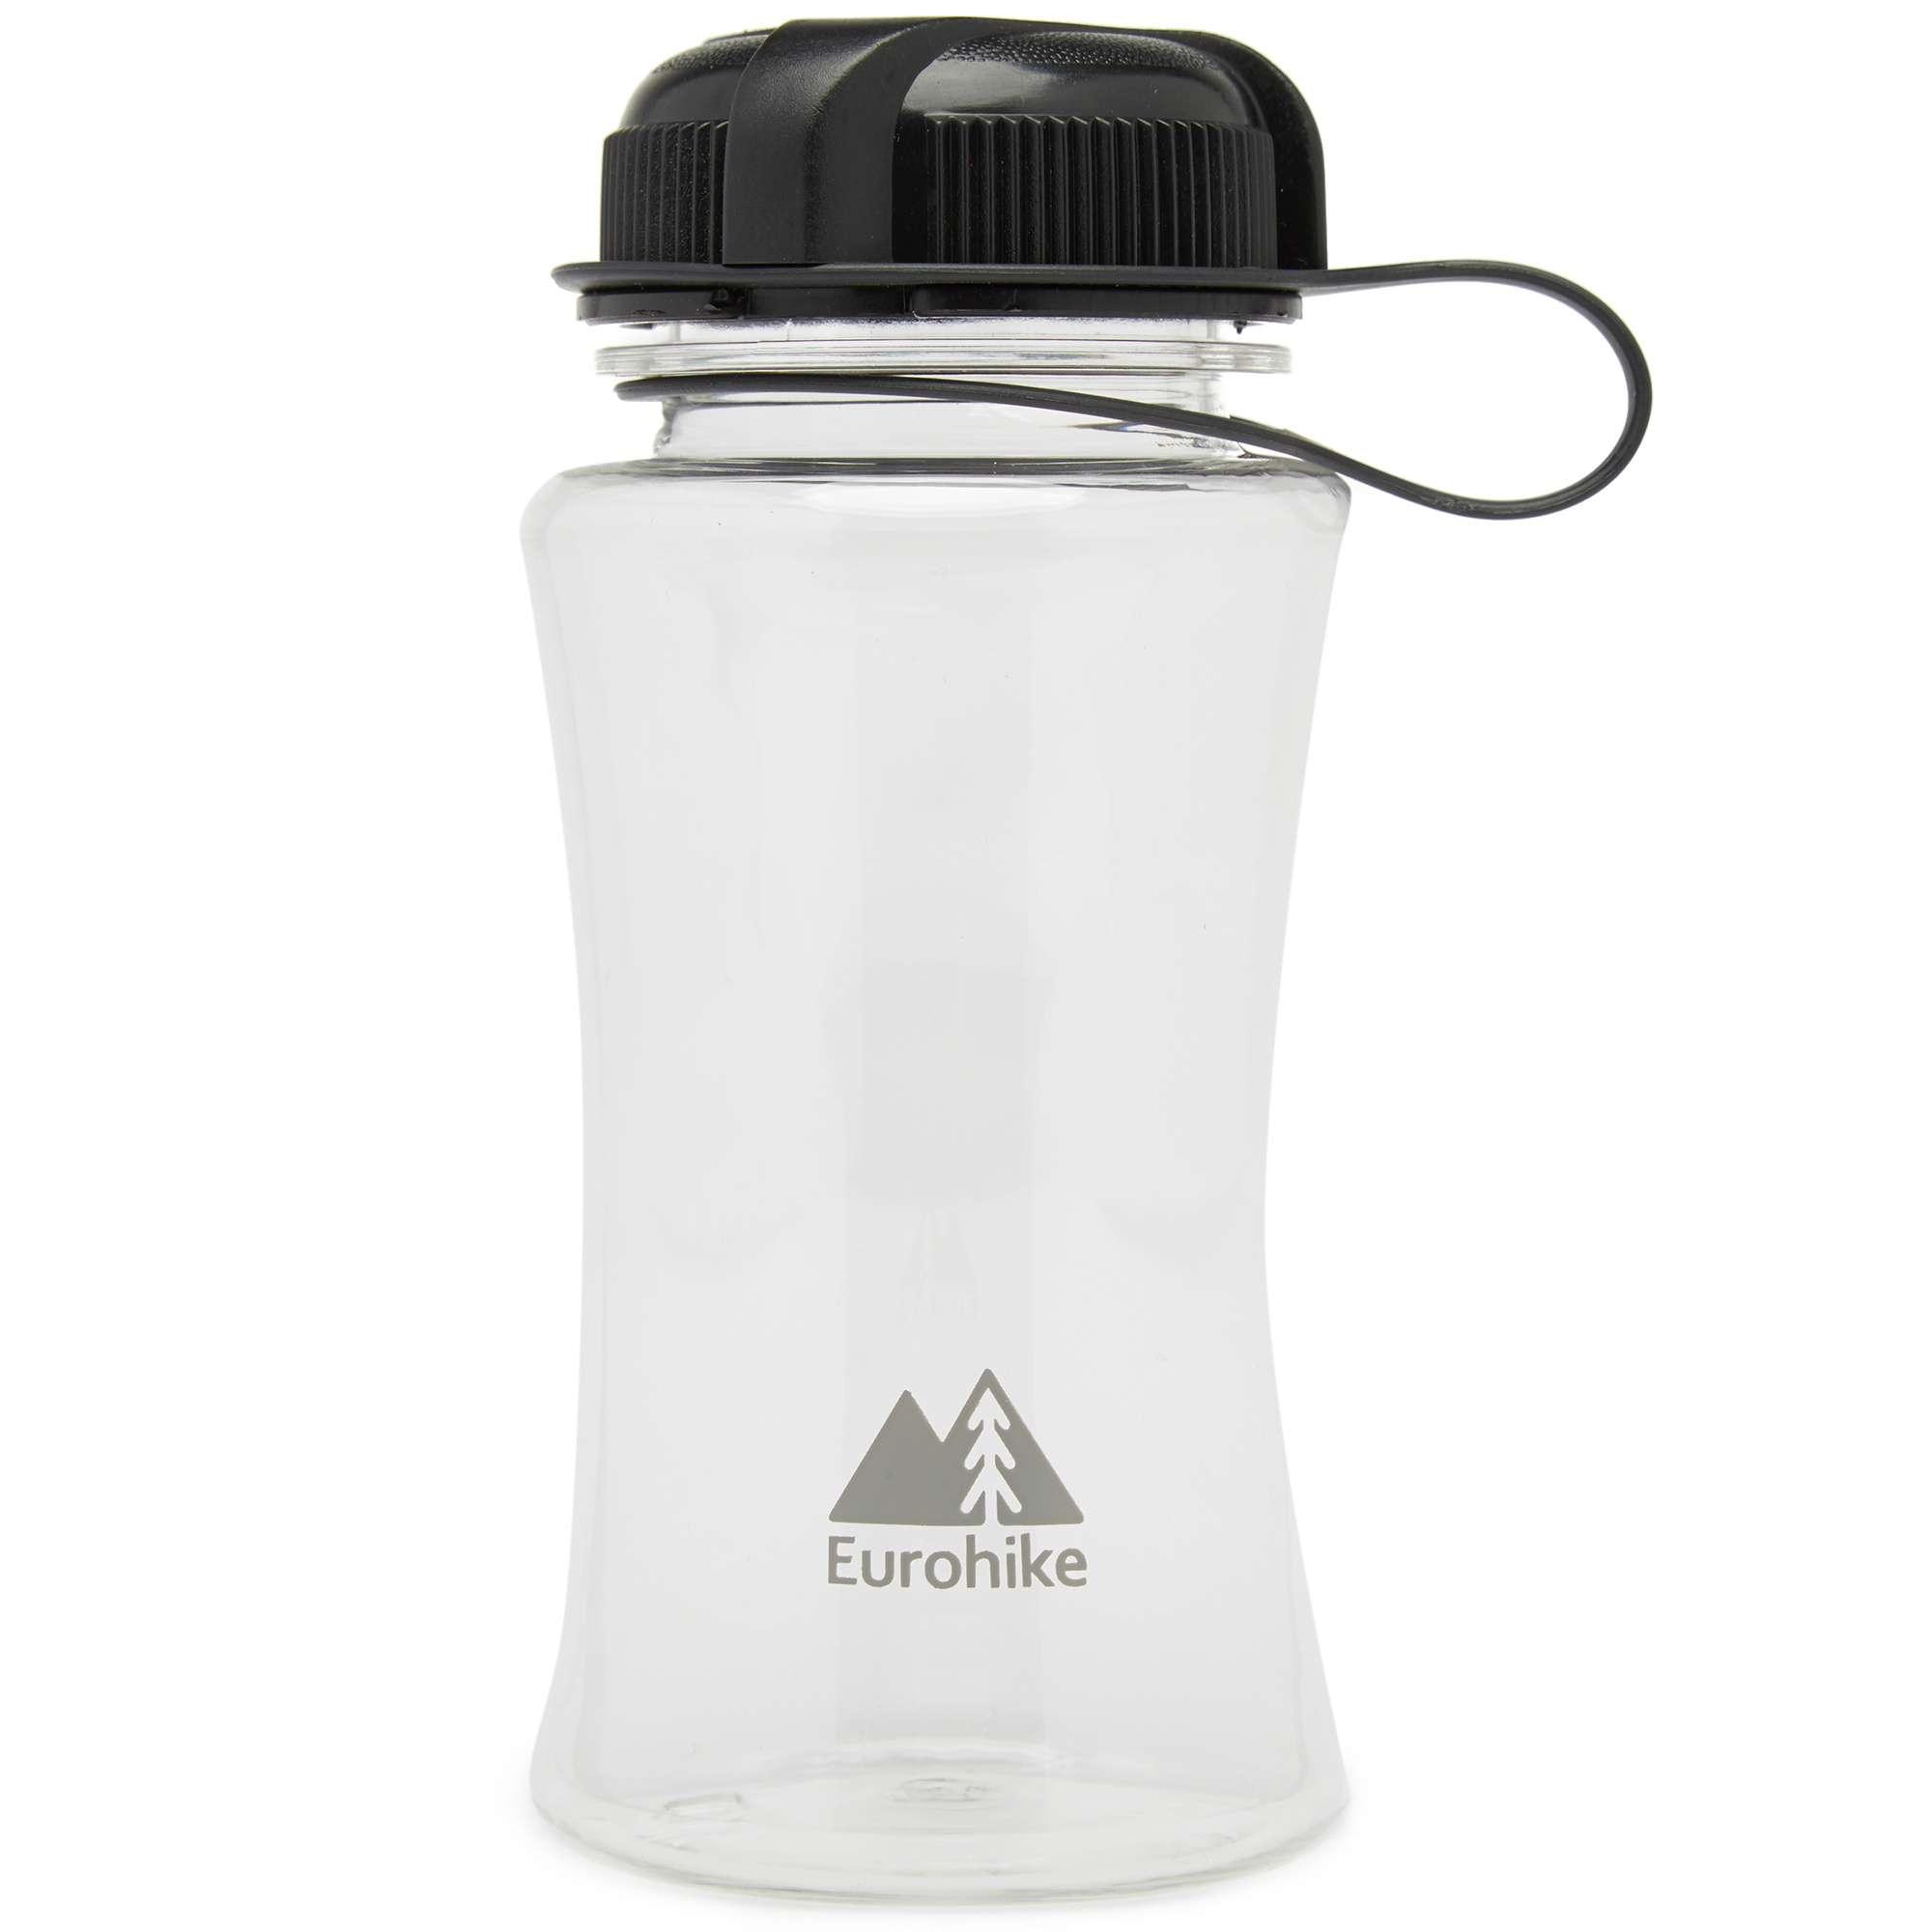 EUROHIKE Hydro 1L Water Bottle